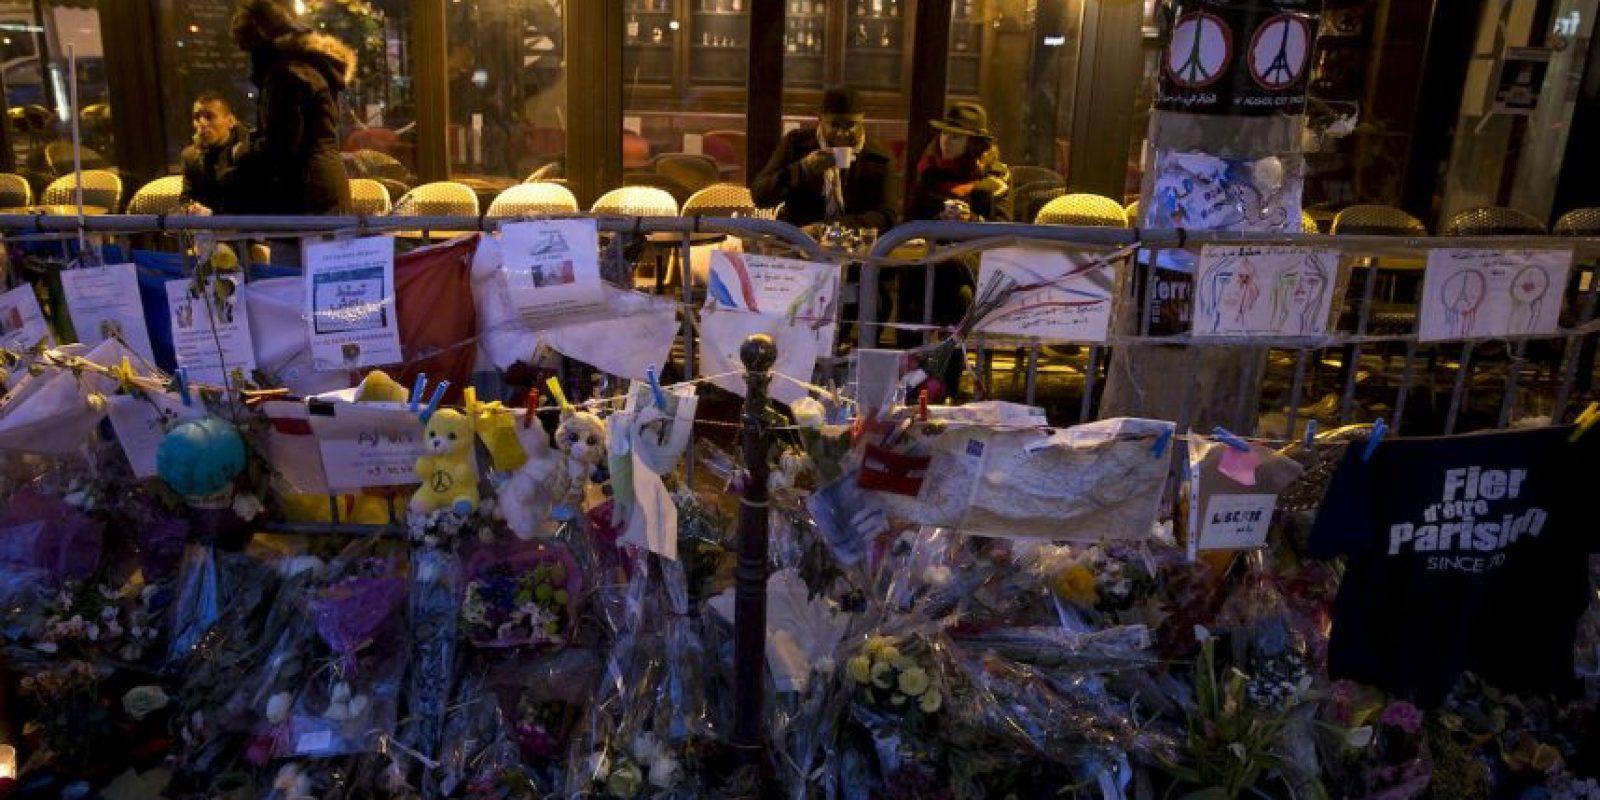 Personas en un bar que reabrió en París tras los atentados terroristas que cobraron la vida de 130 personas. Foto:AFP